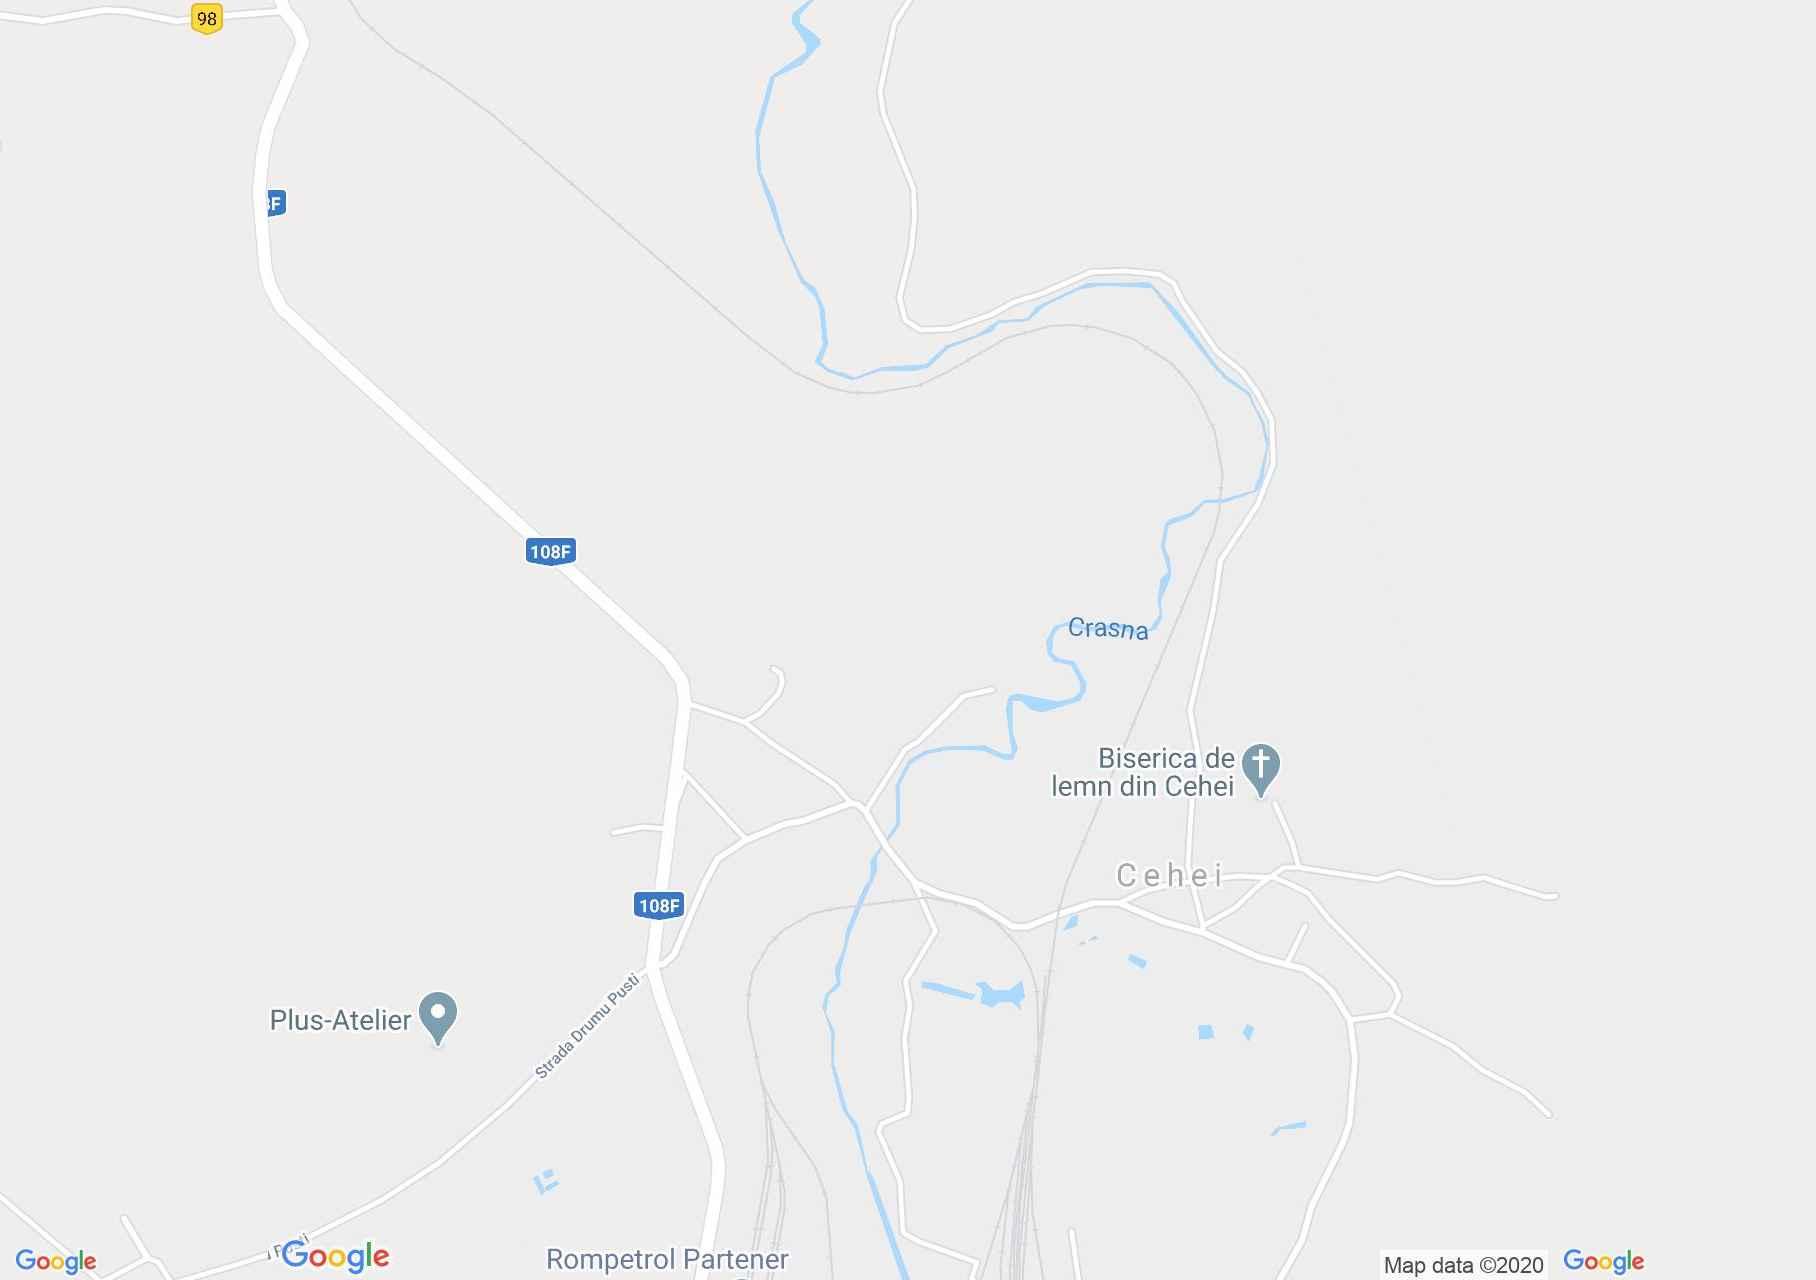 Cehei, Interactive tourist map